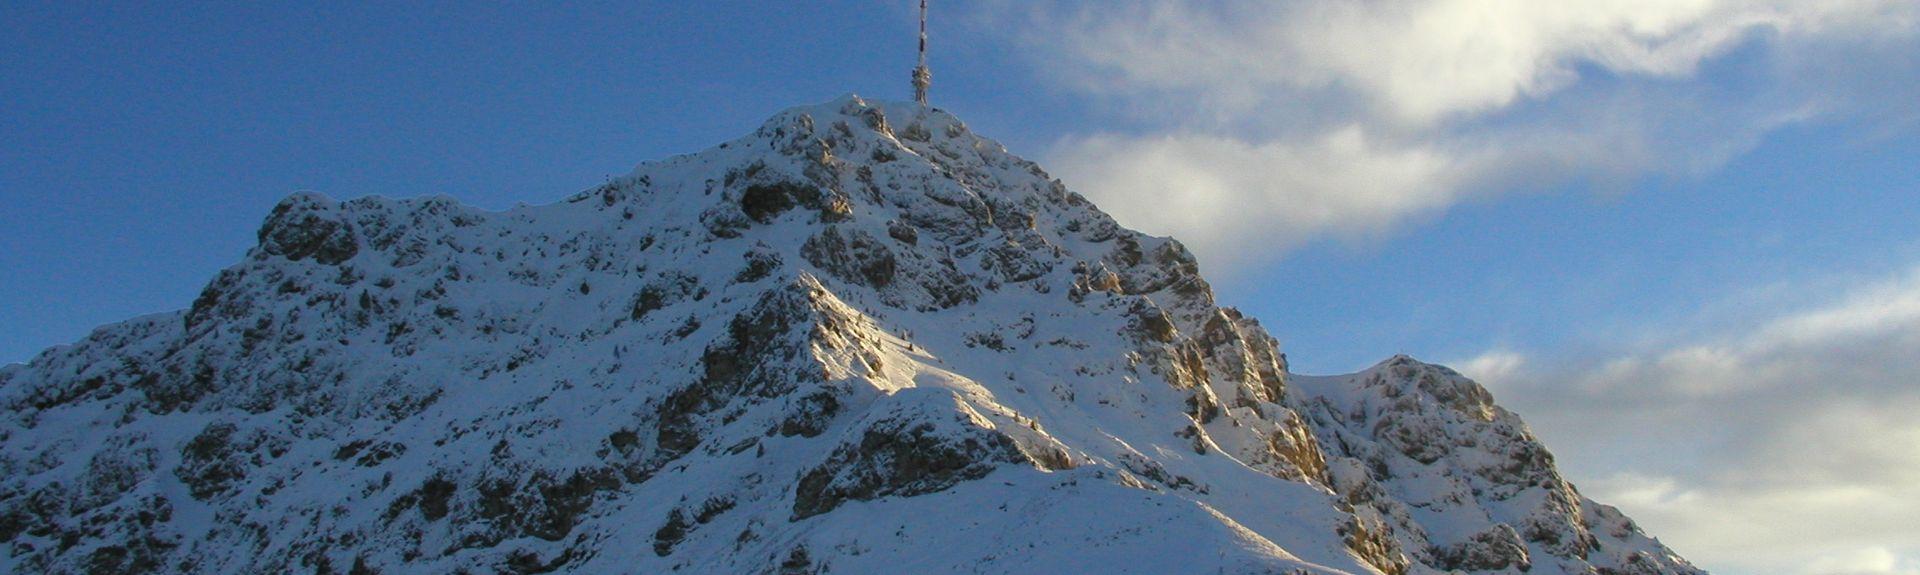 Steinplatte, Waidring, Tirol, Österreich